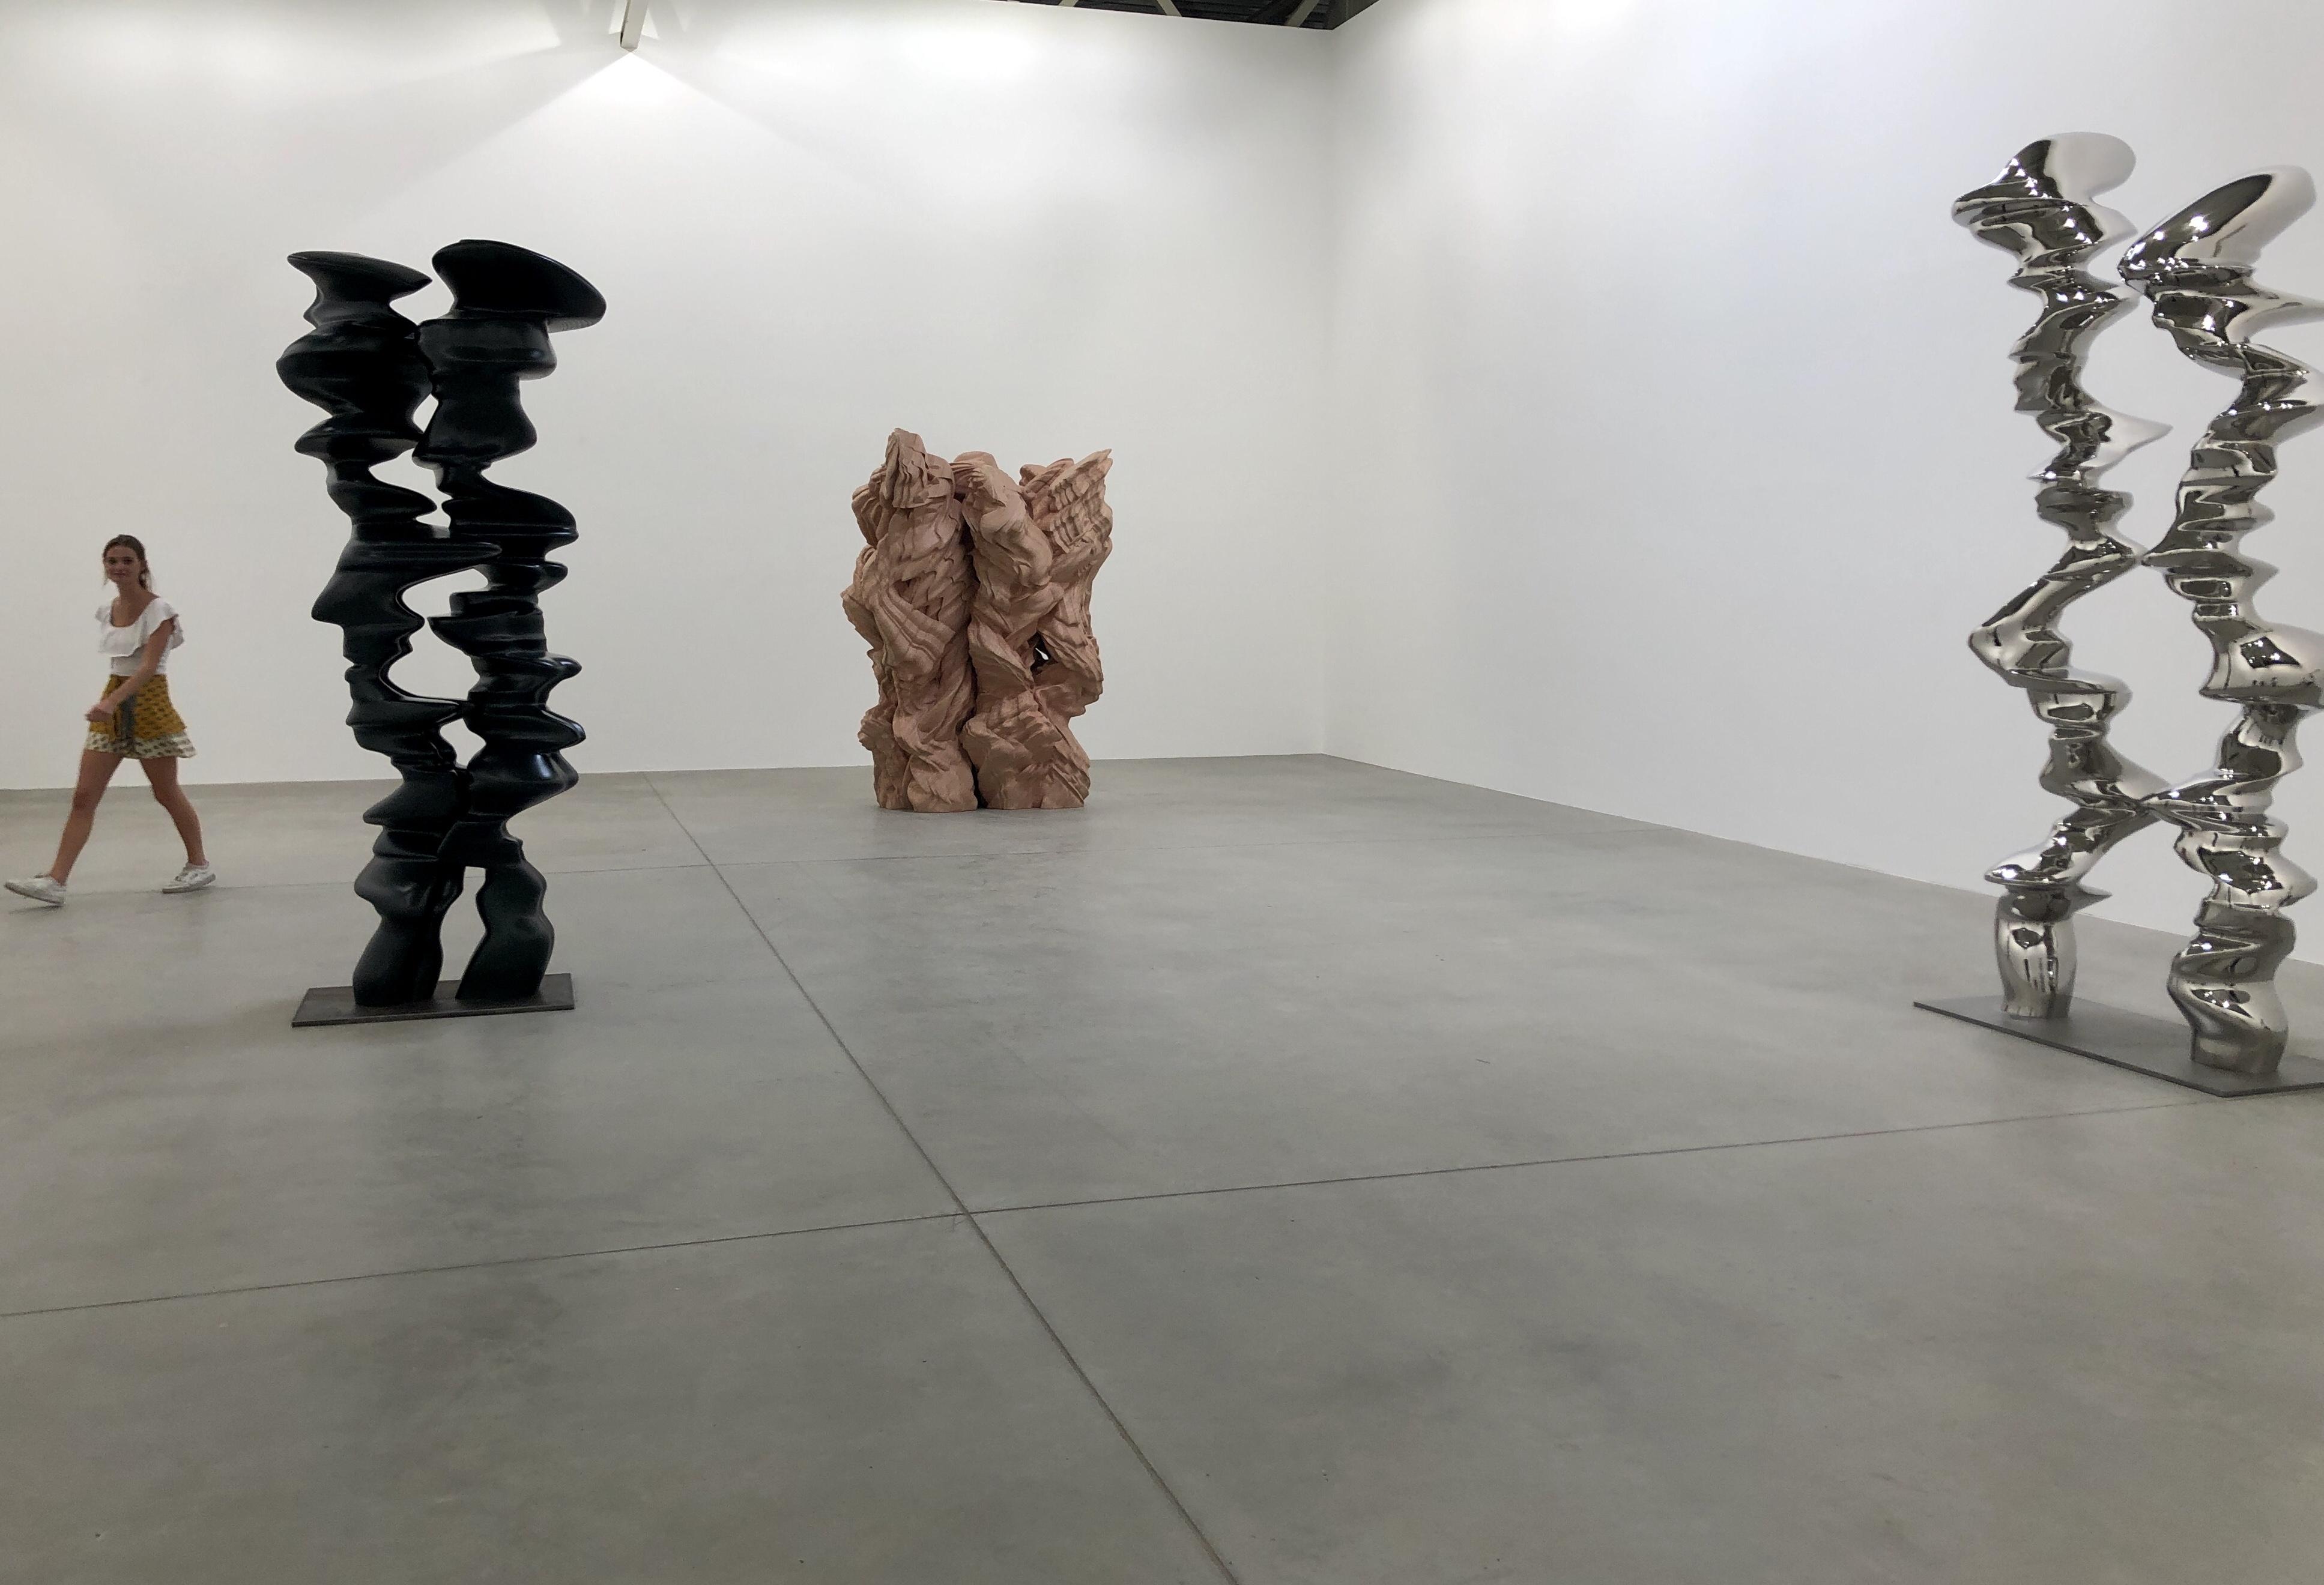 Tony Cragg Inhabitants-Skulpturen in der Halle Ropac